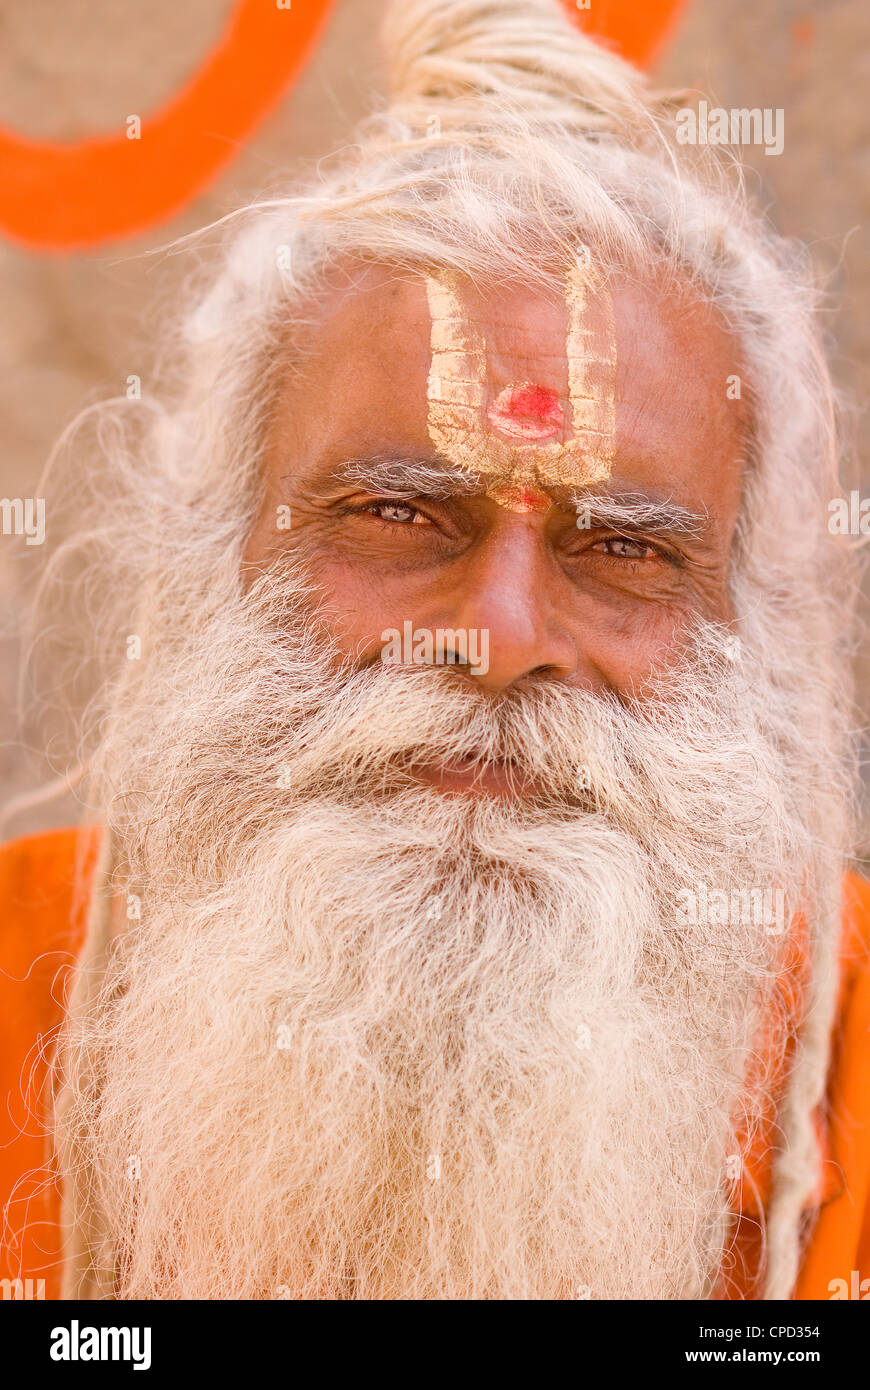 Hombre santo (Sadhu), Varanasi, Uttar Pradesh, India, Asia Imagen De Stock